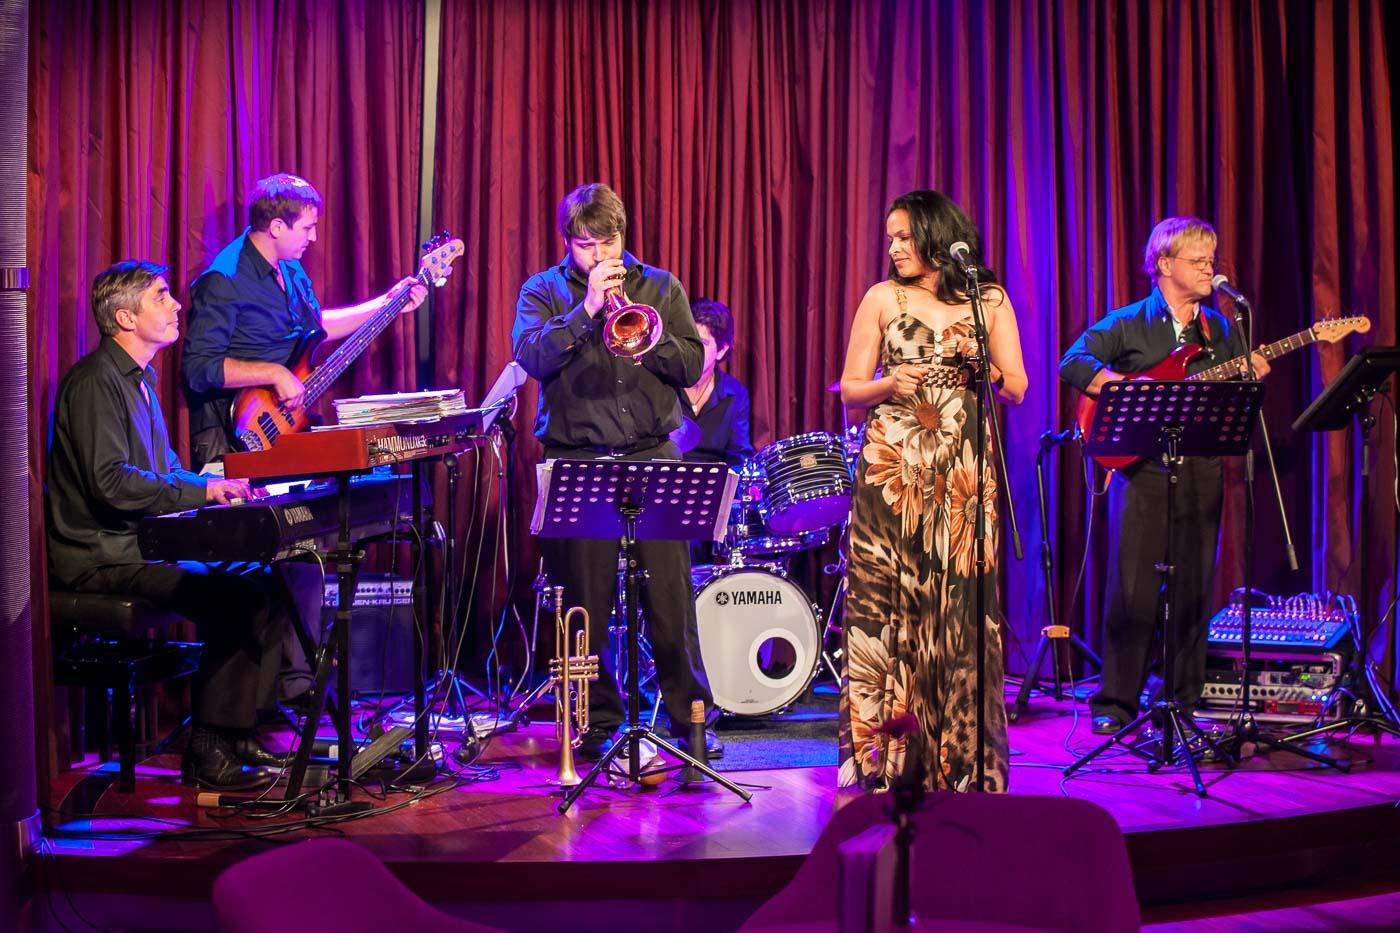 MS Europa 2: Jazzclub.